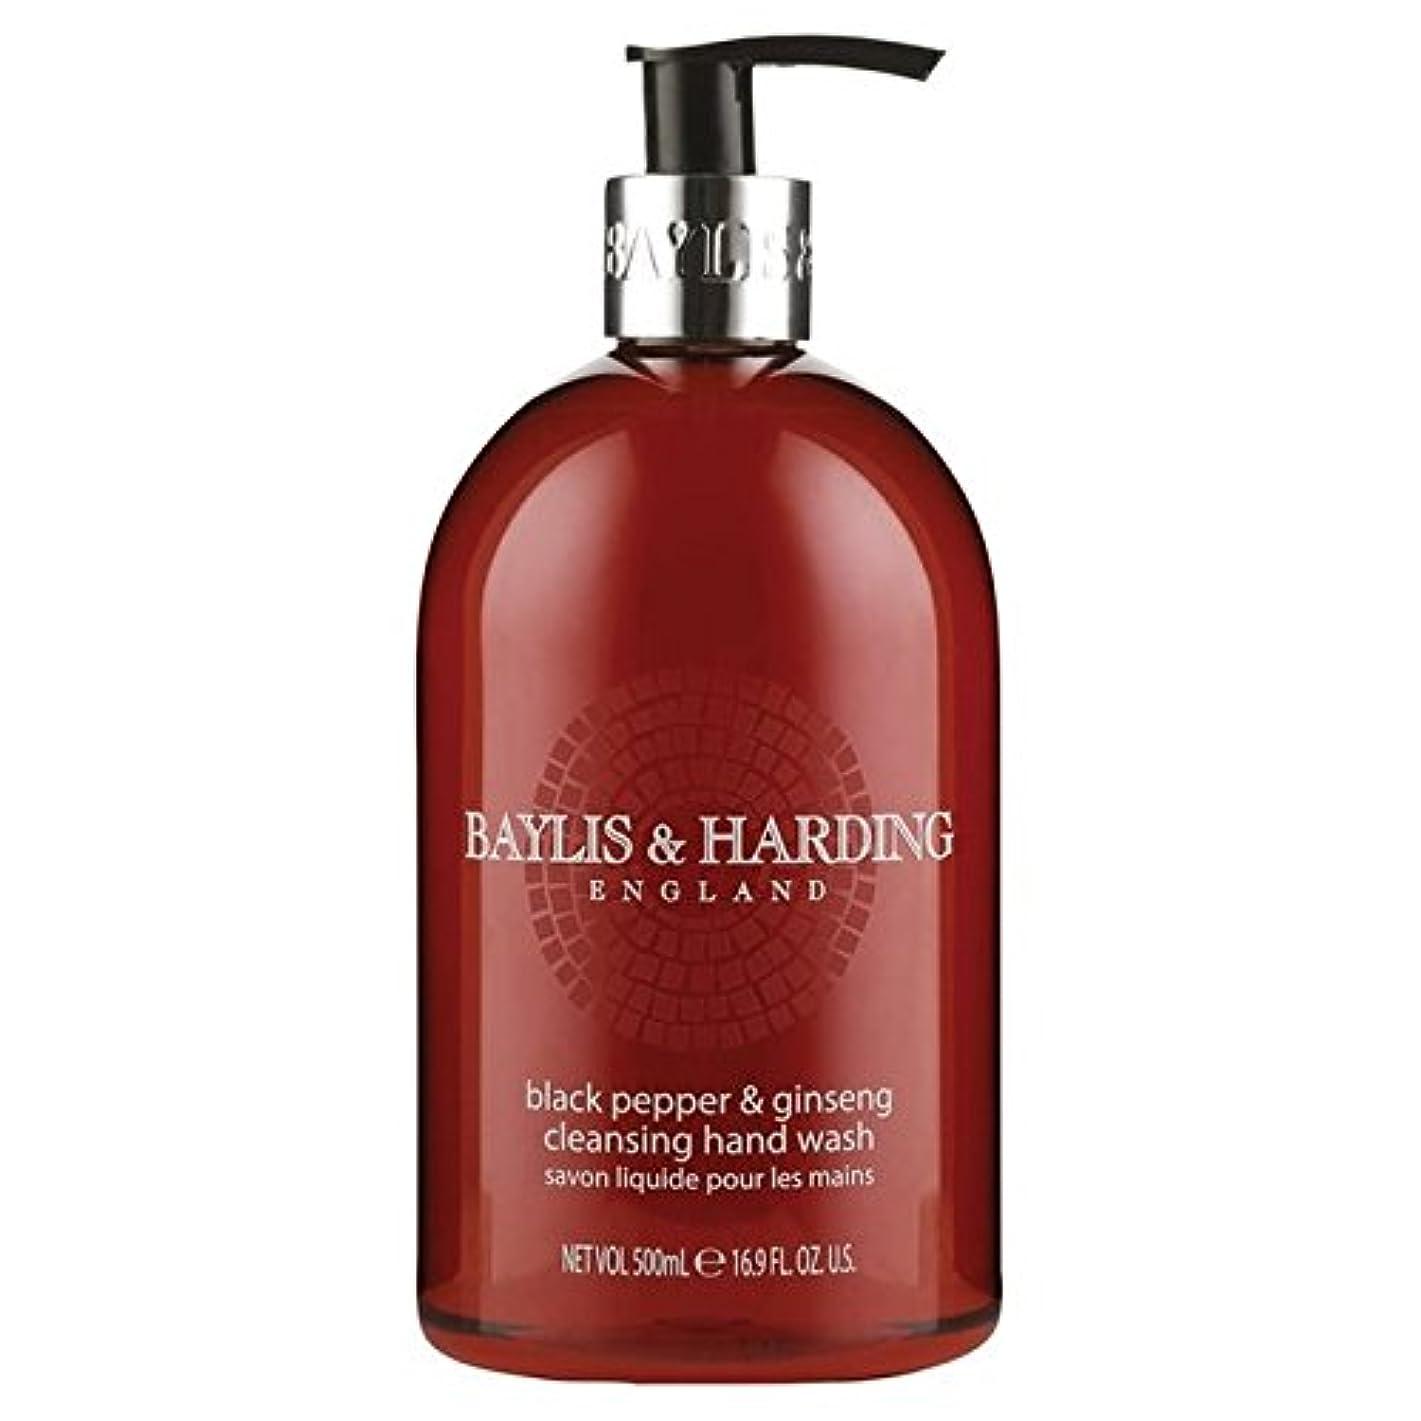 上記の頭と肩雪避けられないBaylis & Harding Black Pepper & Ginseng Hand Wash 500ml - ベイリス&ハーディングブラックペッパー&人参のハンドウォッシュ500ミリリットル [並行輸入品]